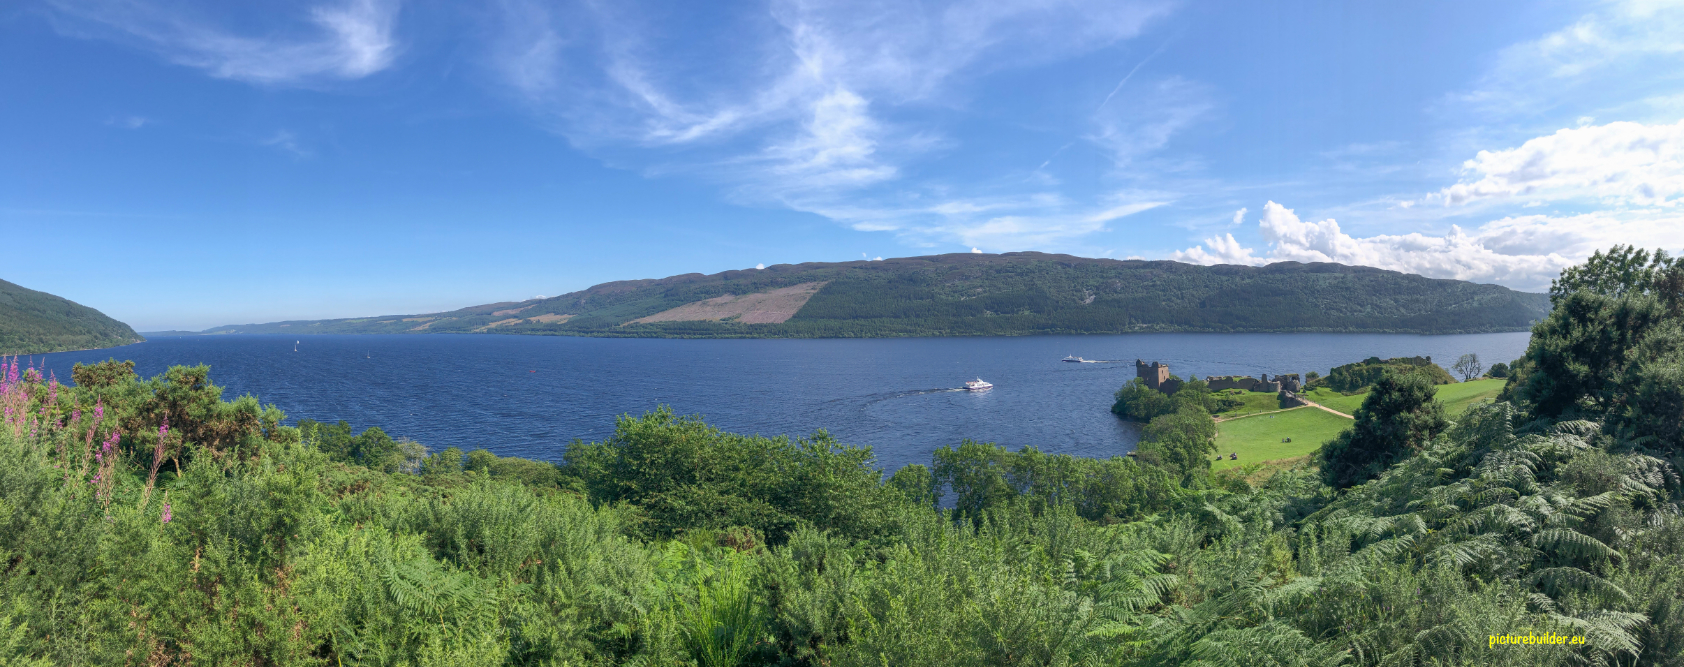 Drumnatrochit am Loch Ness